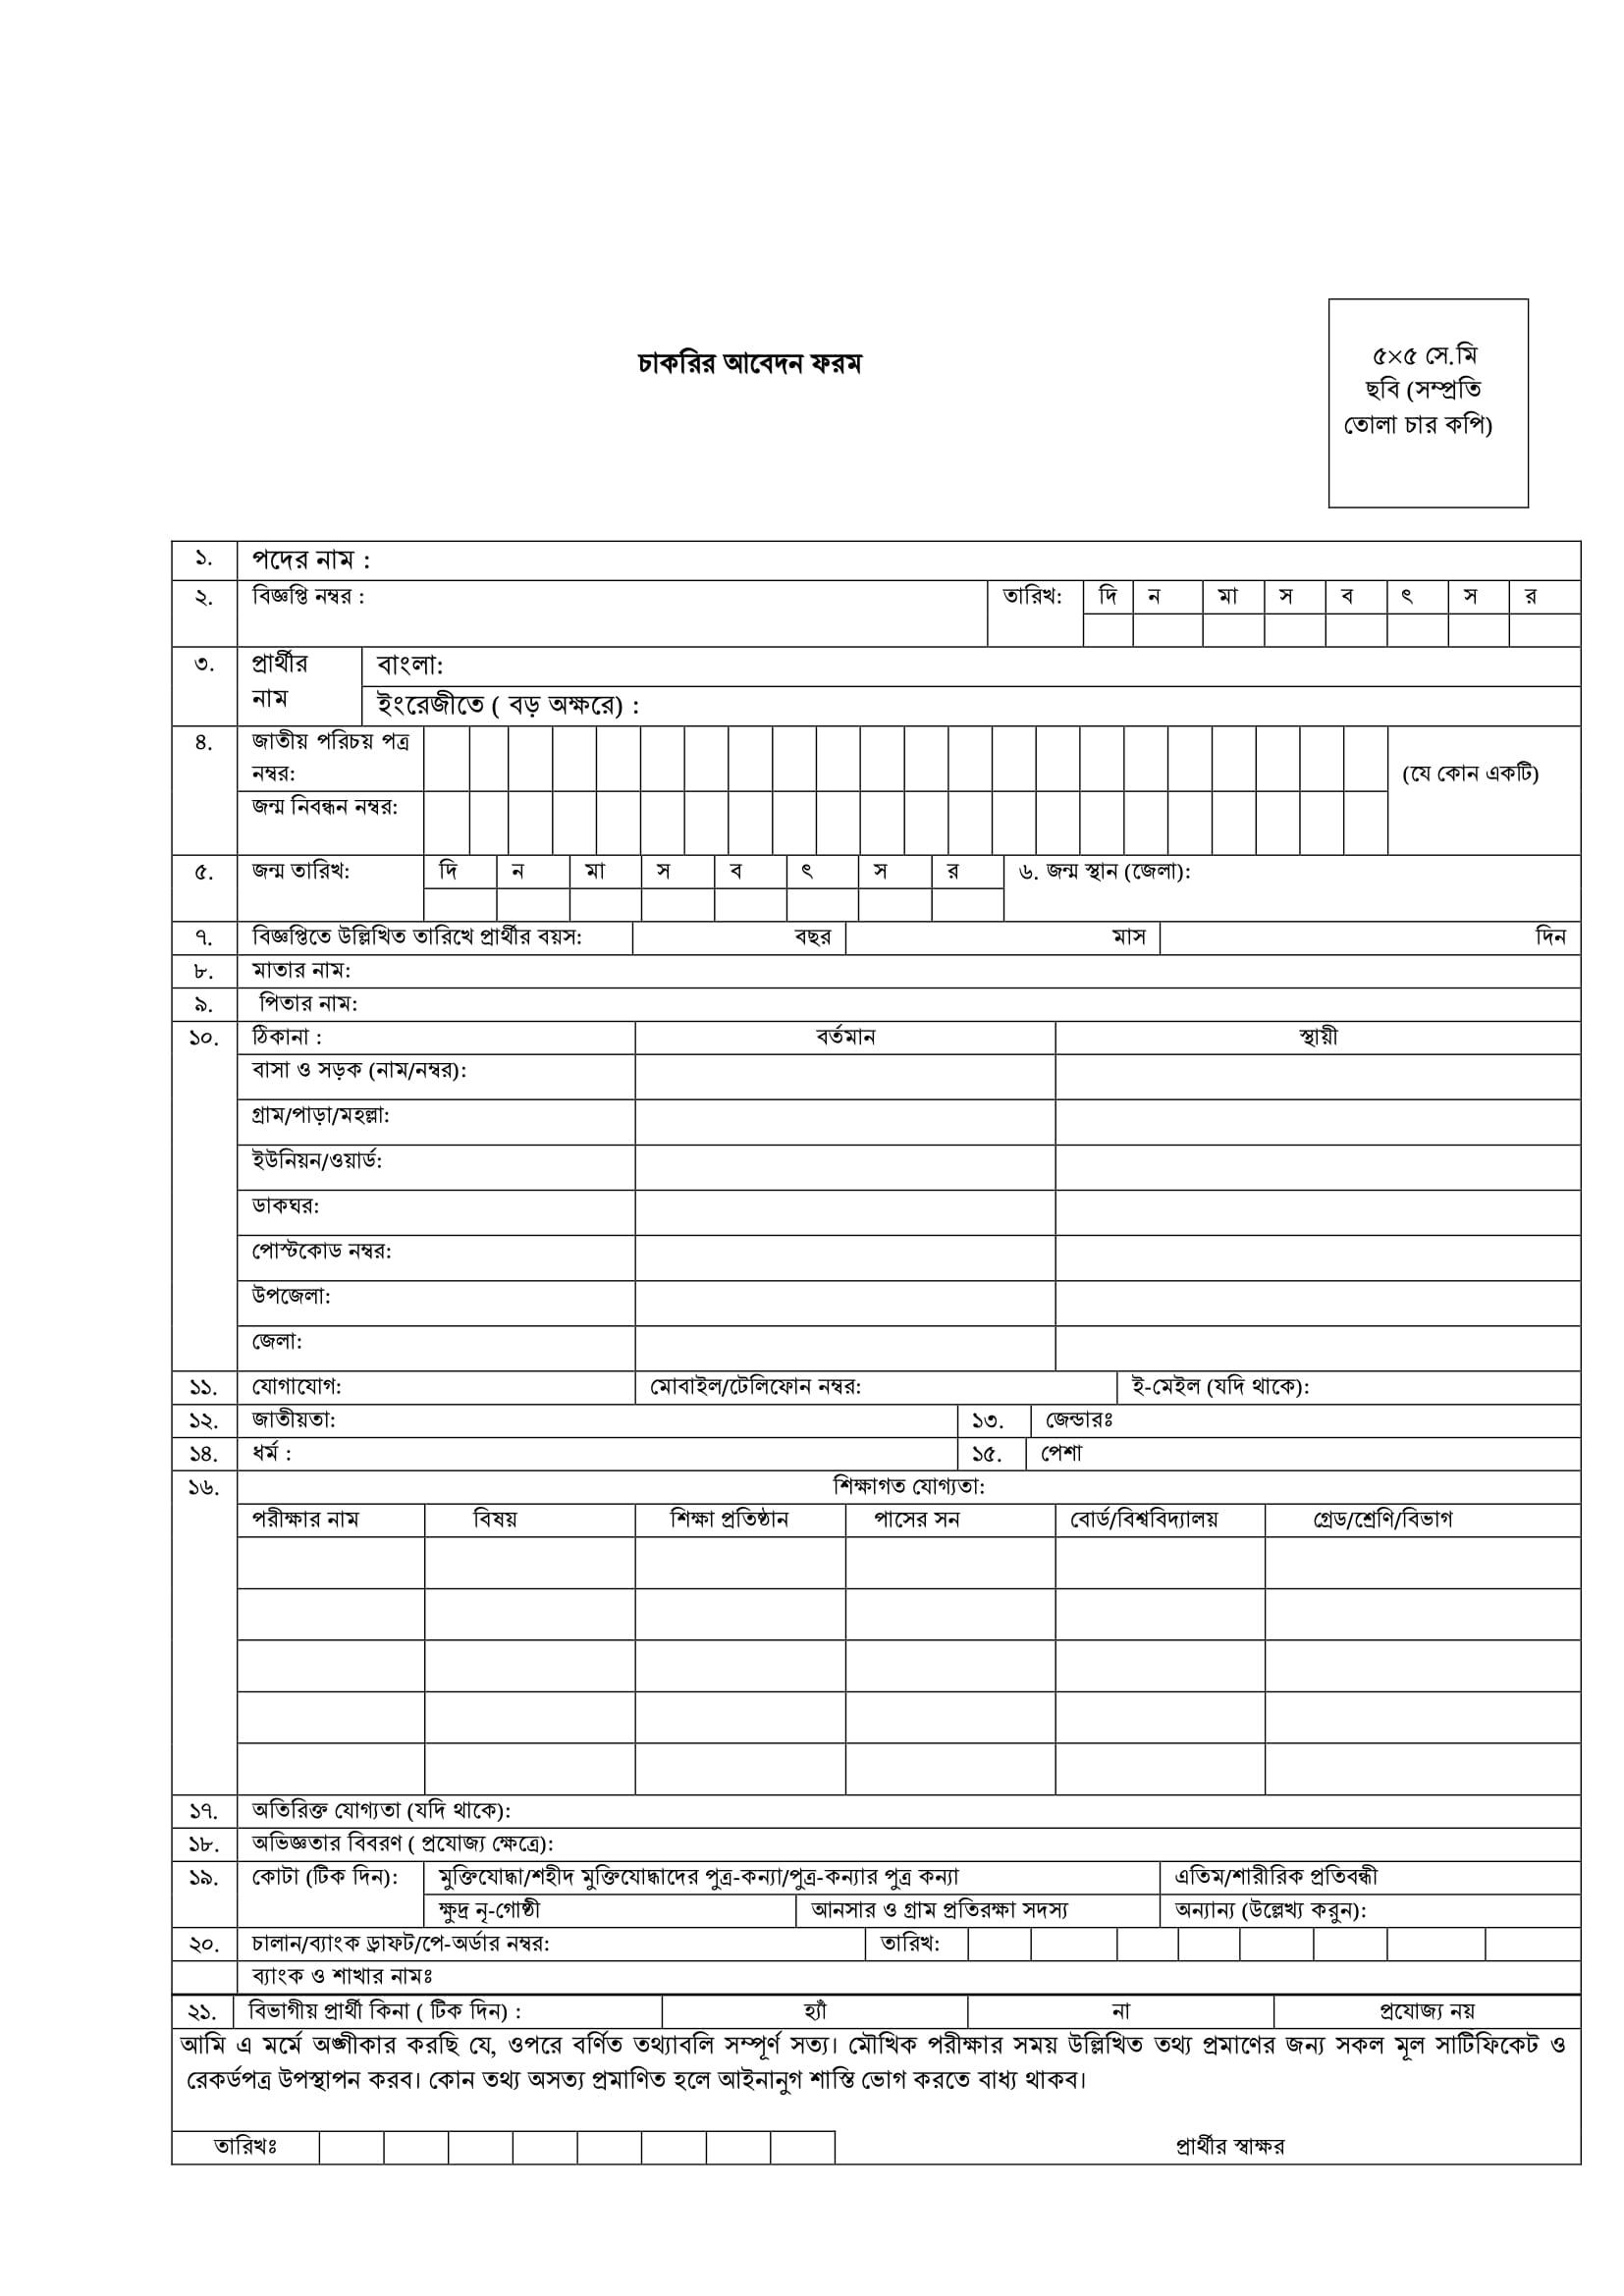 POCL-Job-Application-Form